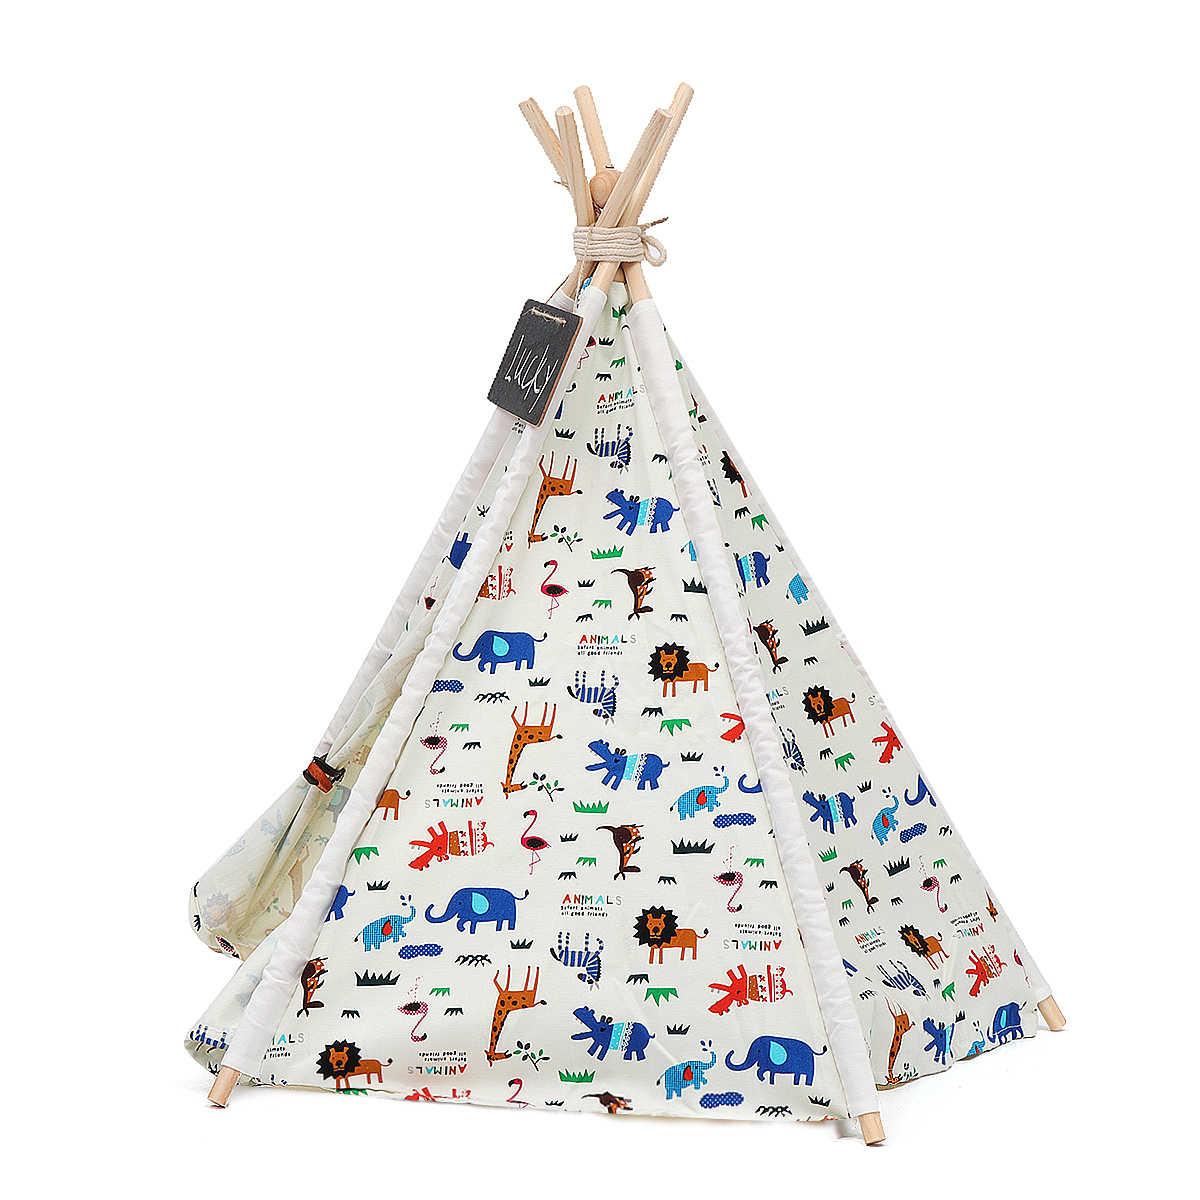 Складной Собака House питомники моющийся палатка щенок кошка кровать Крытый Открытый дома играет вигвама Типи Товары для собак Портативный S/ m/L